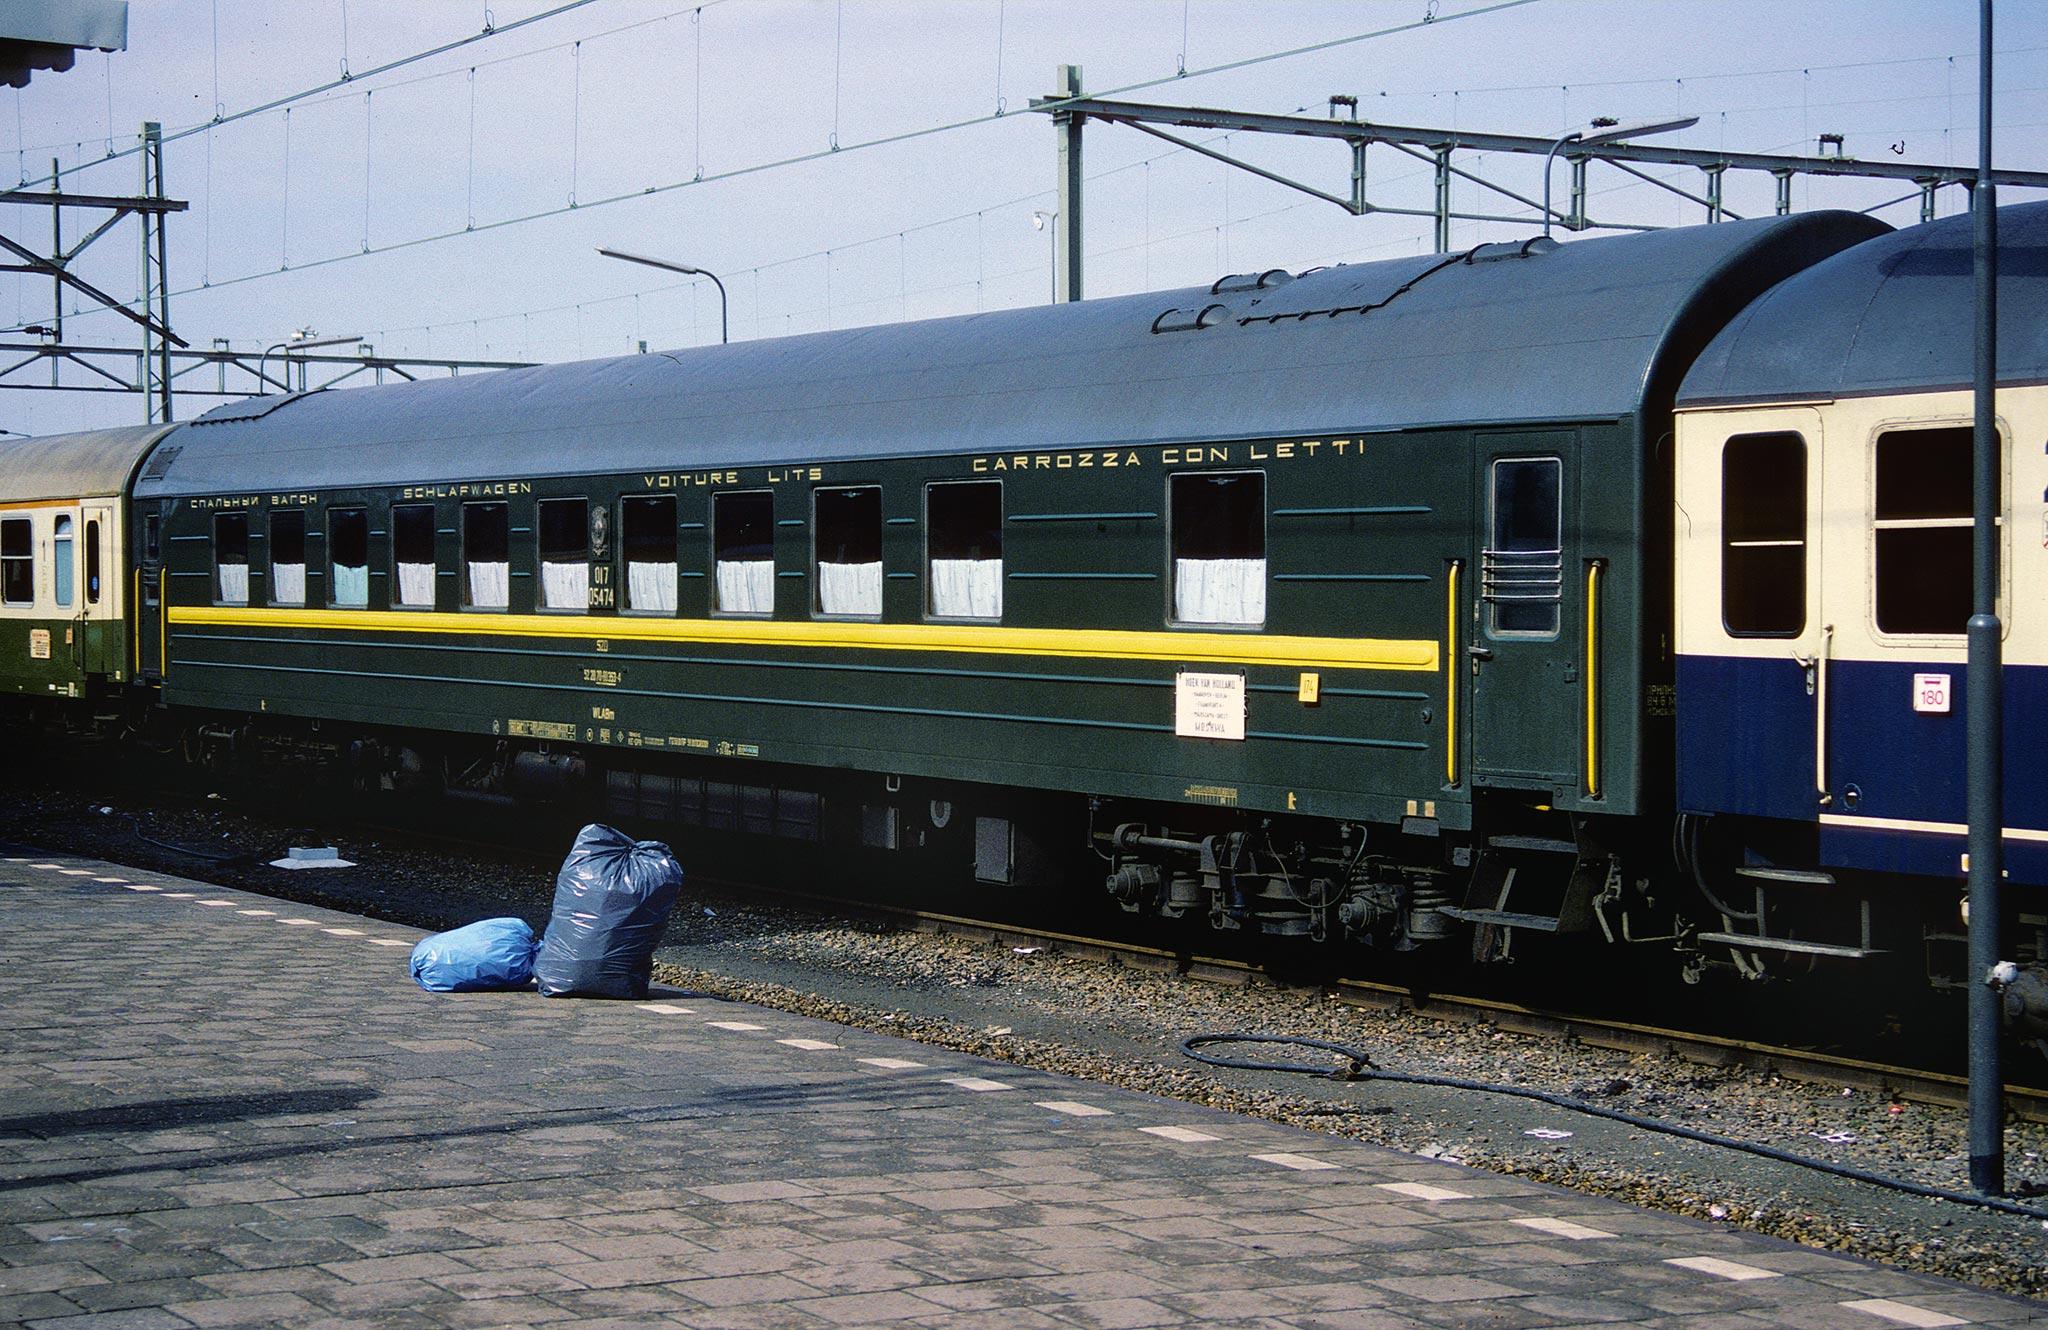 route spoorwegmuseum utrecht